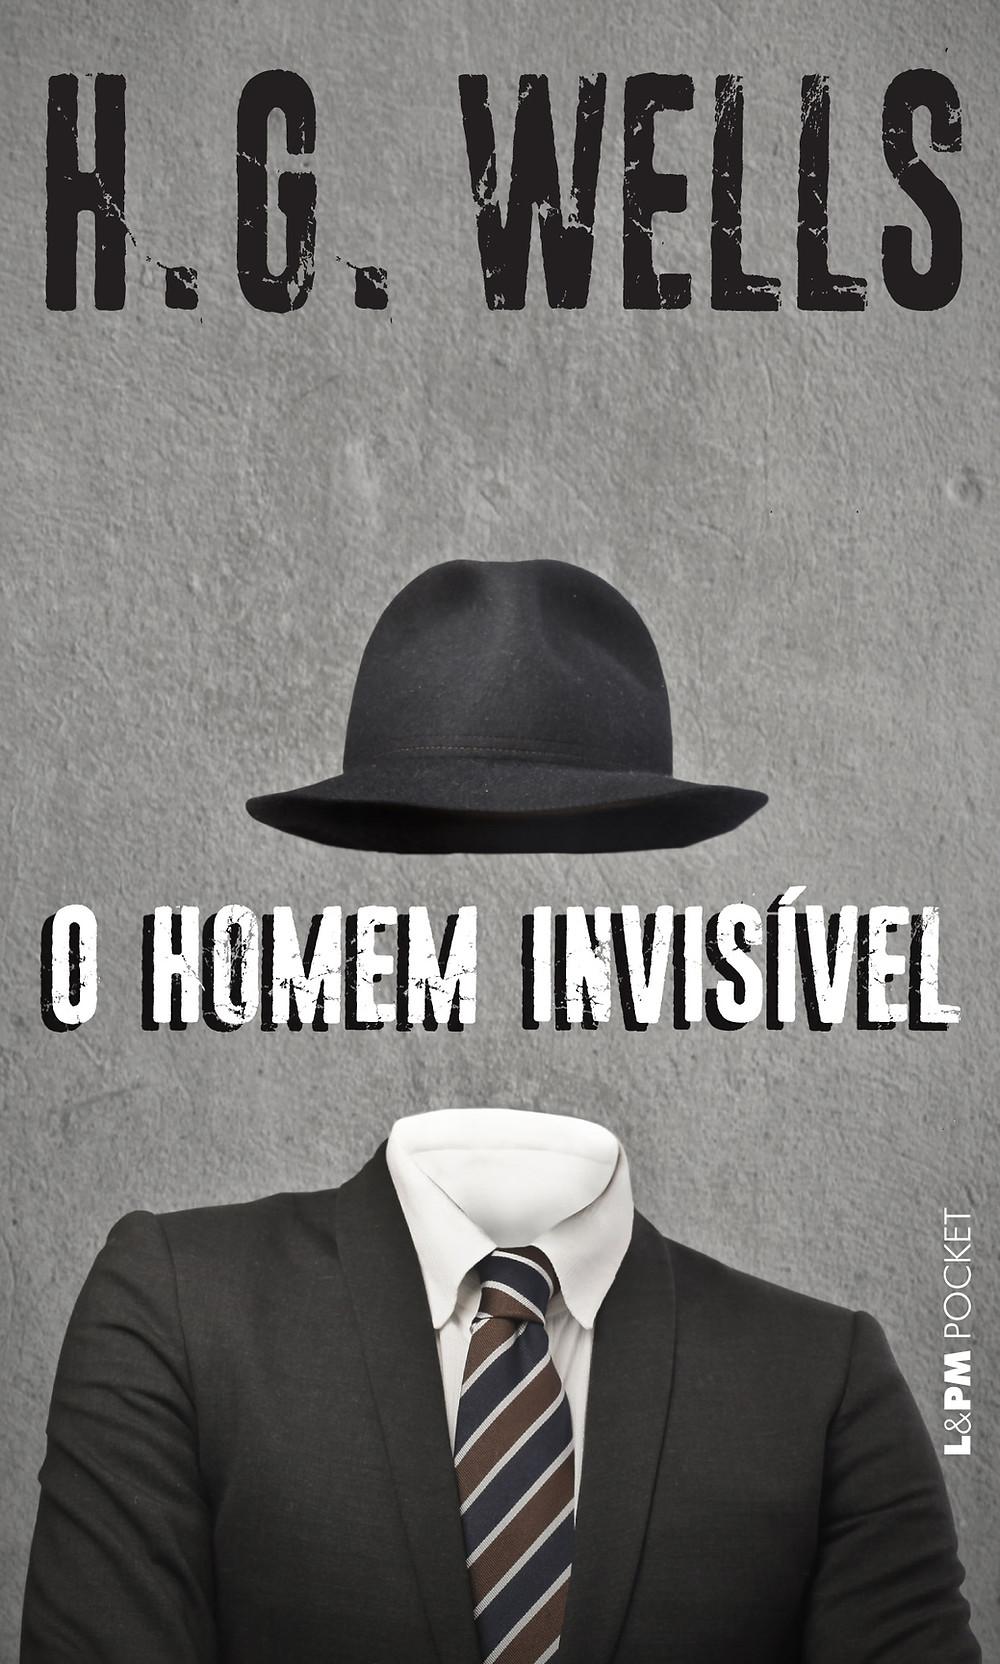 O Homem Invisível de H. G. Wells